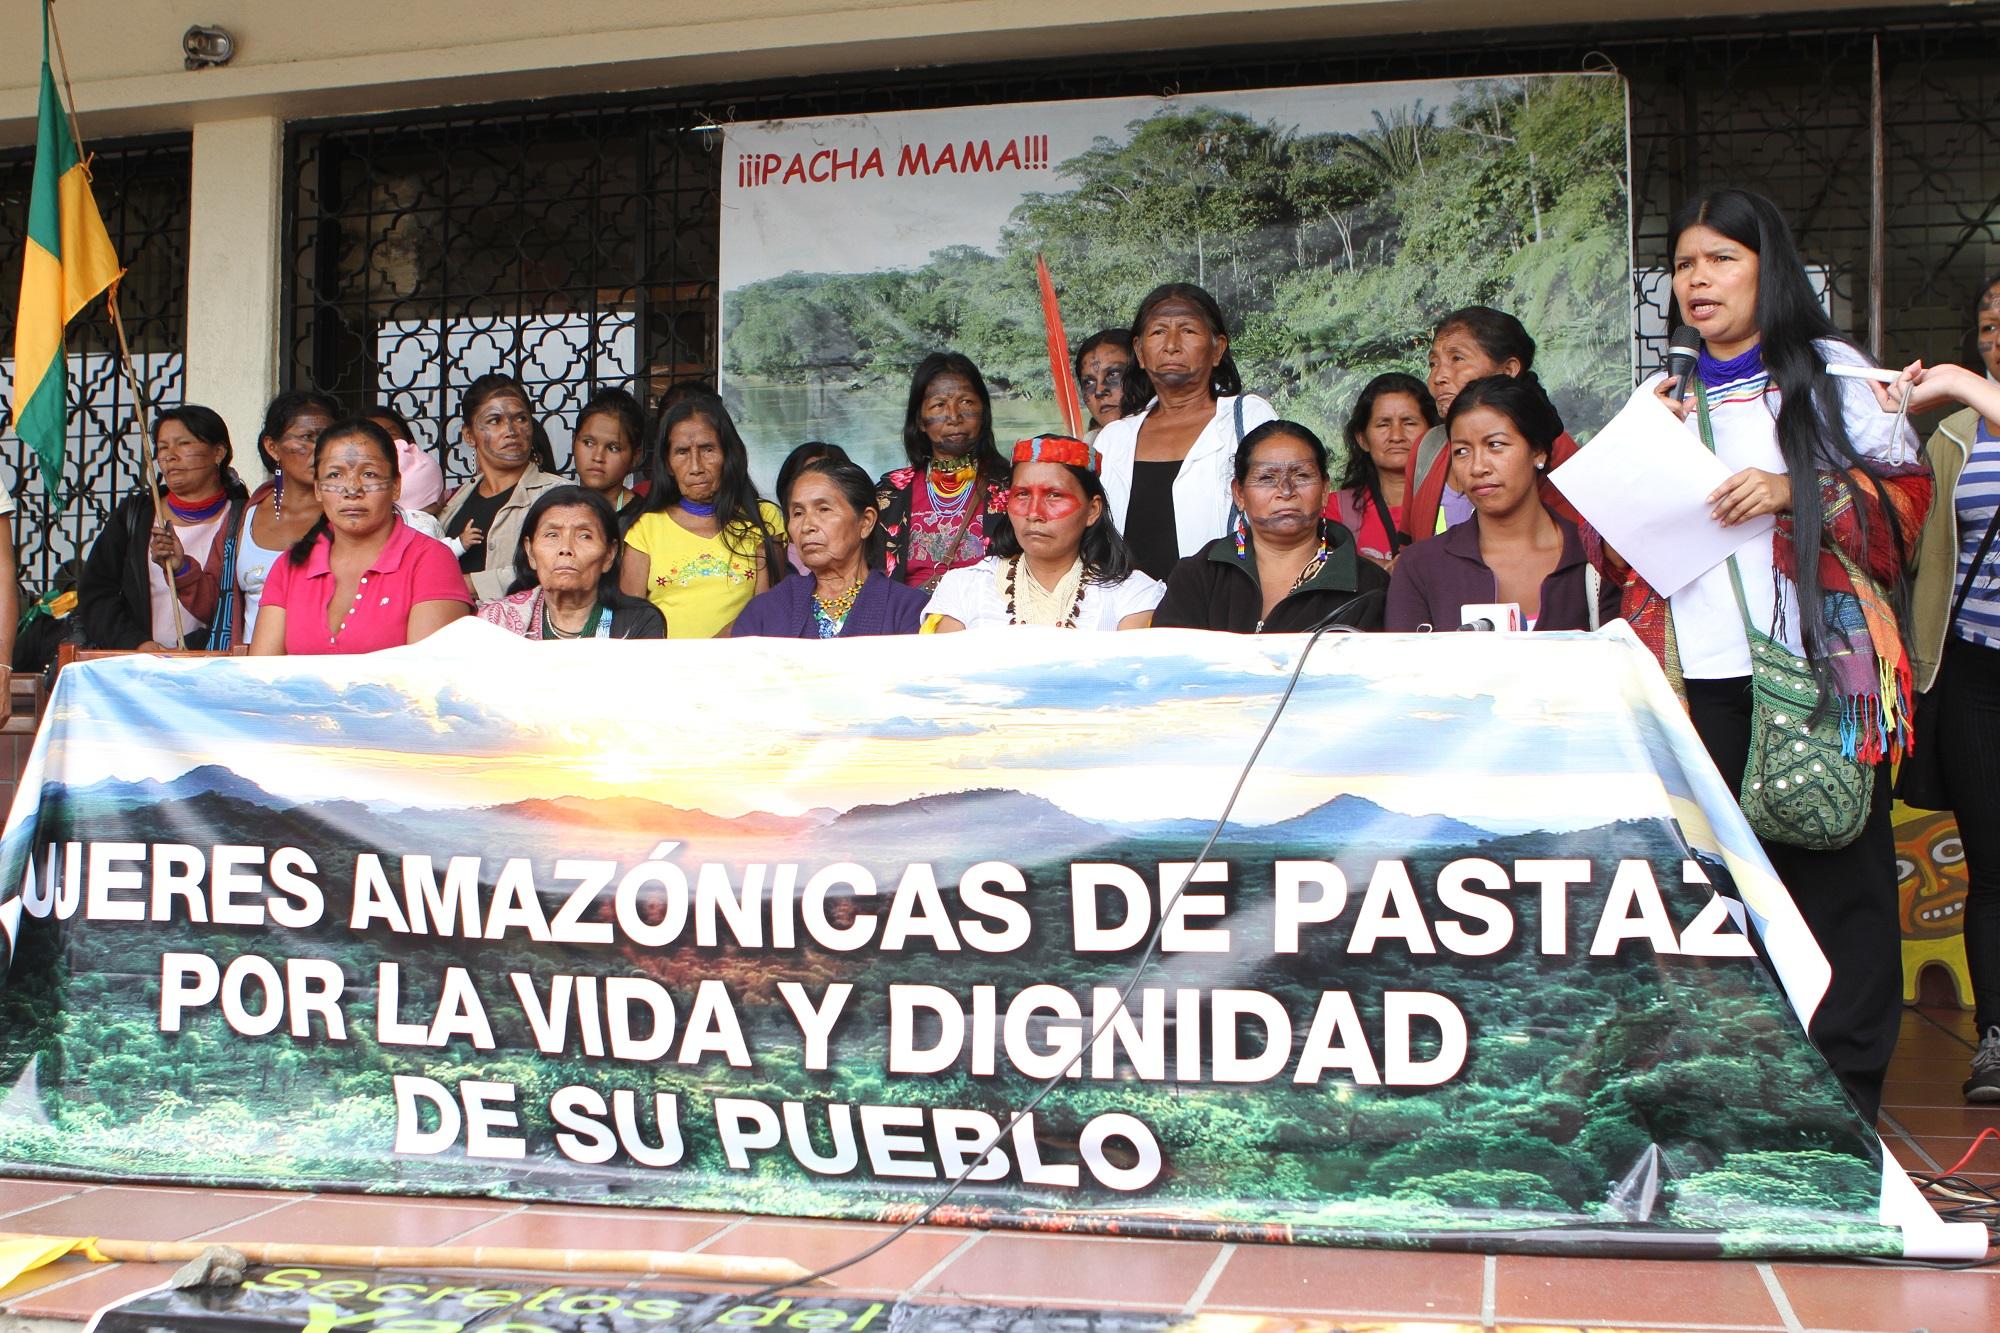 Dirigentas del Articulado de Mujeres Amazónicas, movimiento que se reactivó a inicios de este año tras la amenaza que denunció Patricia Gualinga, en Pastaza, en el oriente de Ecuador. Cortesía de Selvas Producciones.